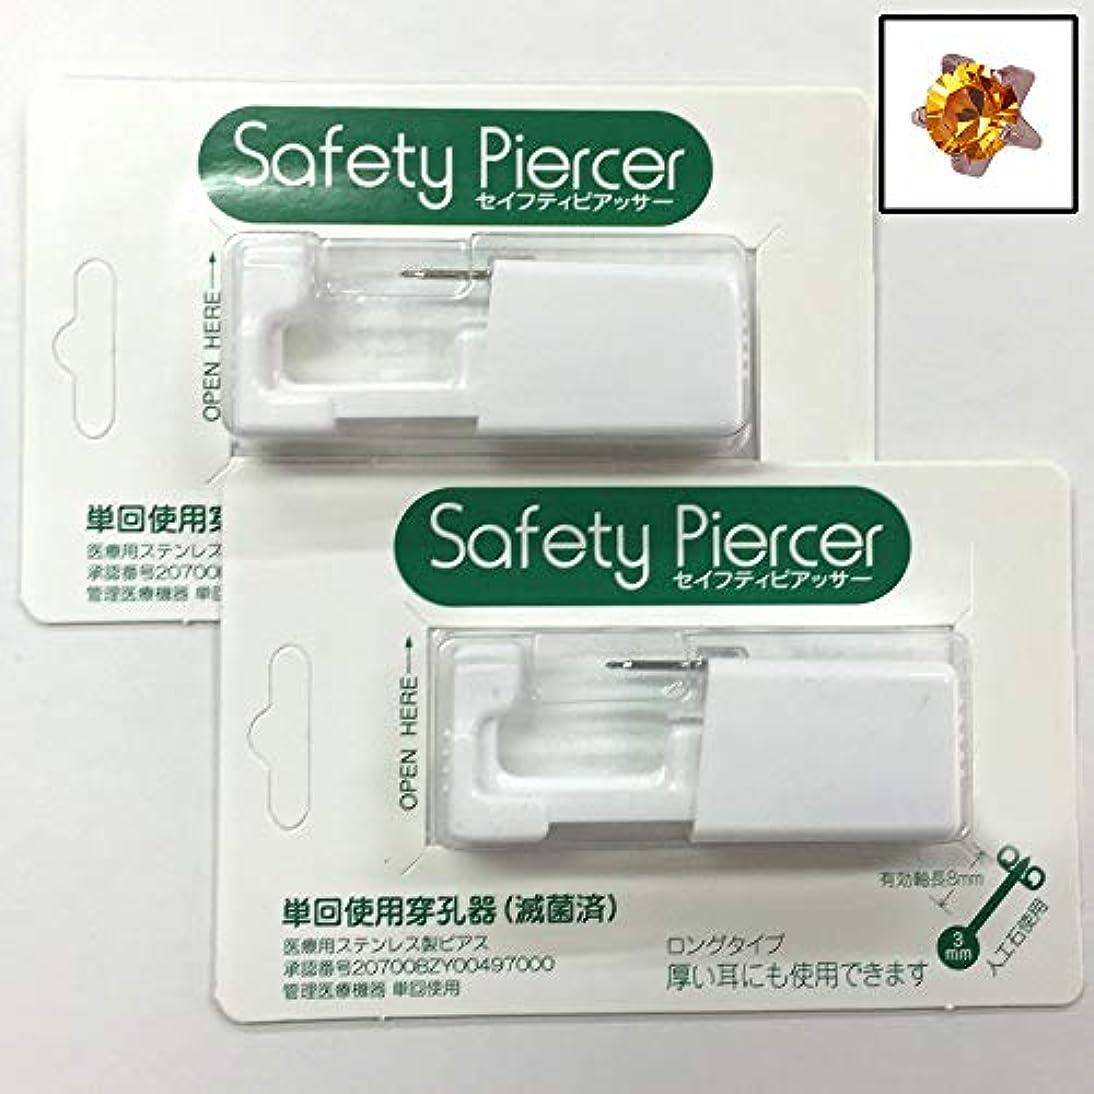 エイズ接続浸したセイフティピアッサー シルバー (医療用ステンレス) 3mm トパーズ色 5M111WL(2個セット)